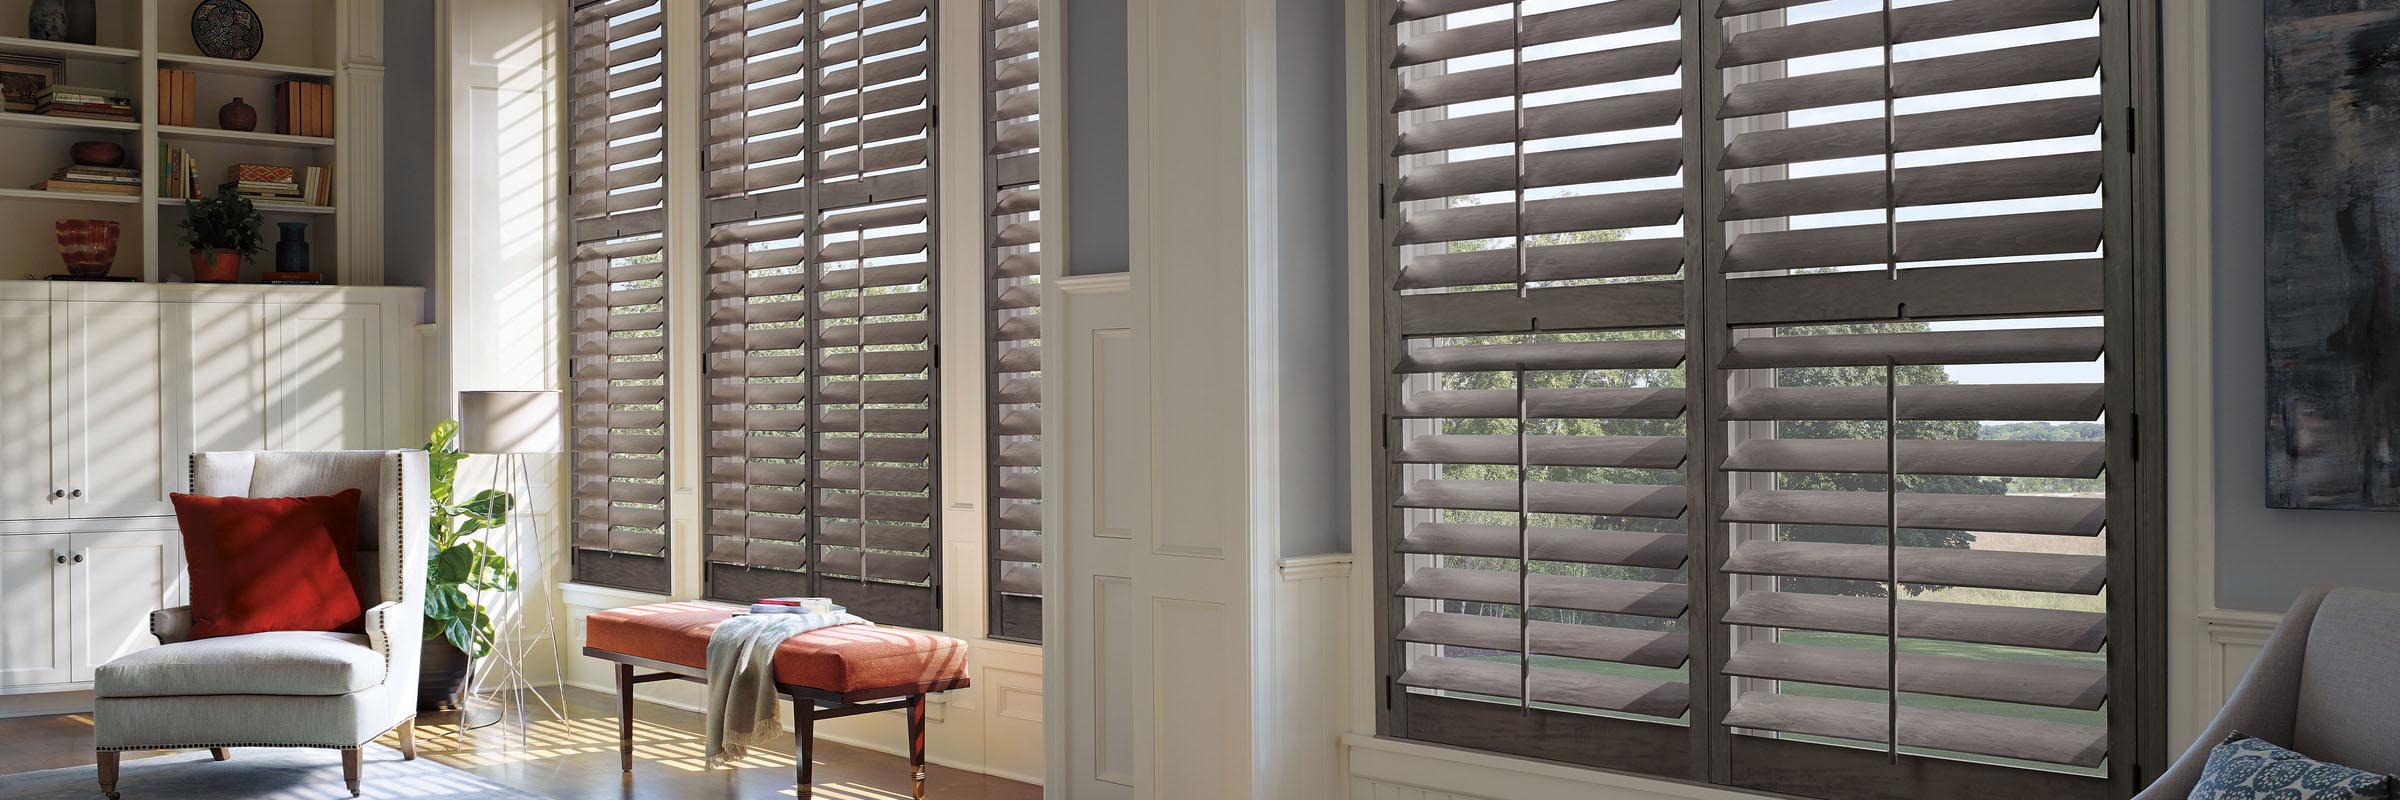 shutters -custom-plantation-shutters-heritance-carousel-02.jpg